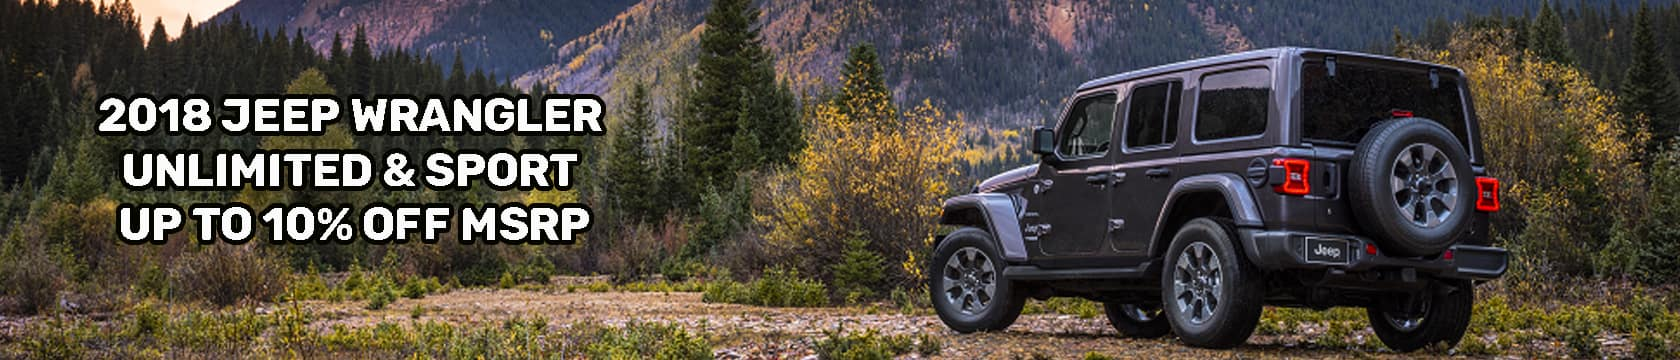 2018 Jeep Wrangler Banner 1